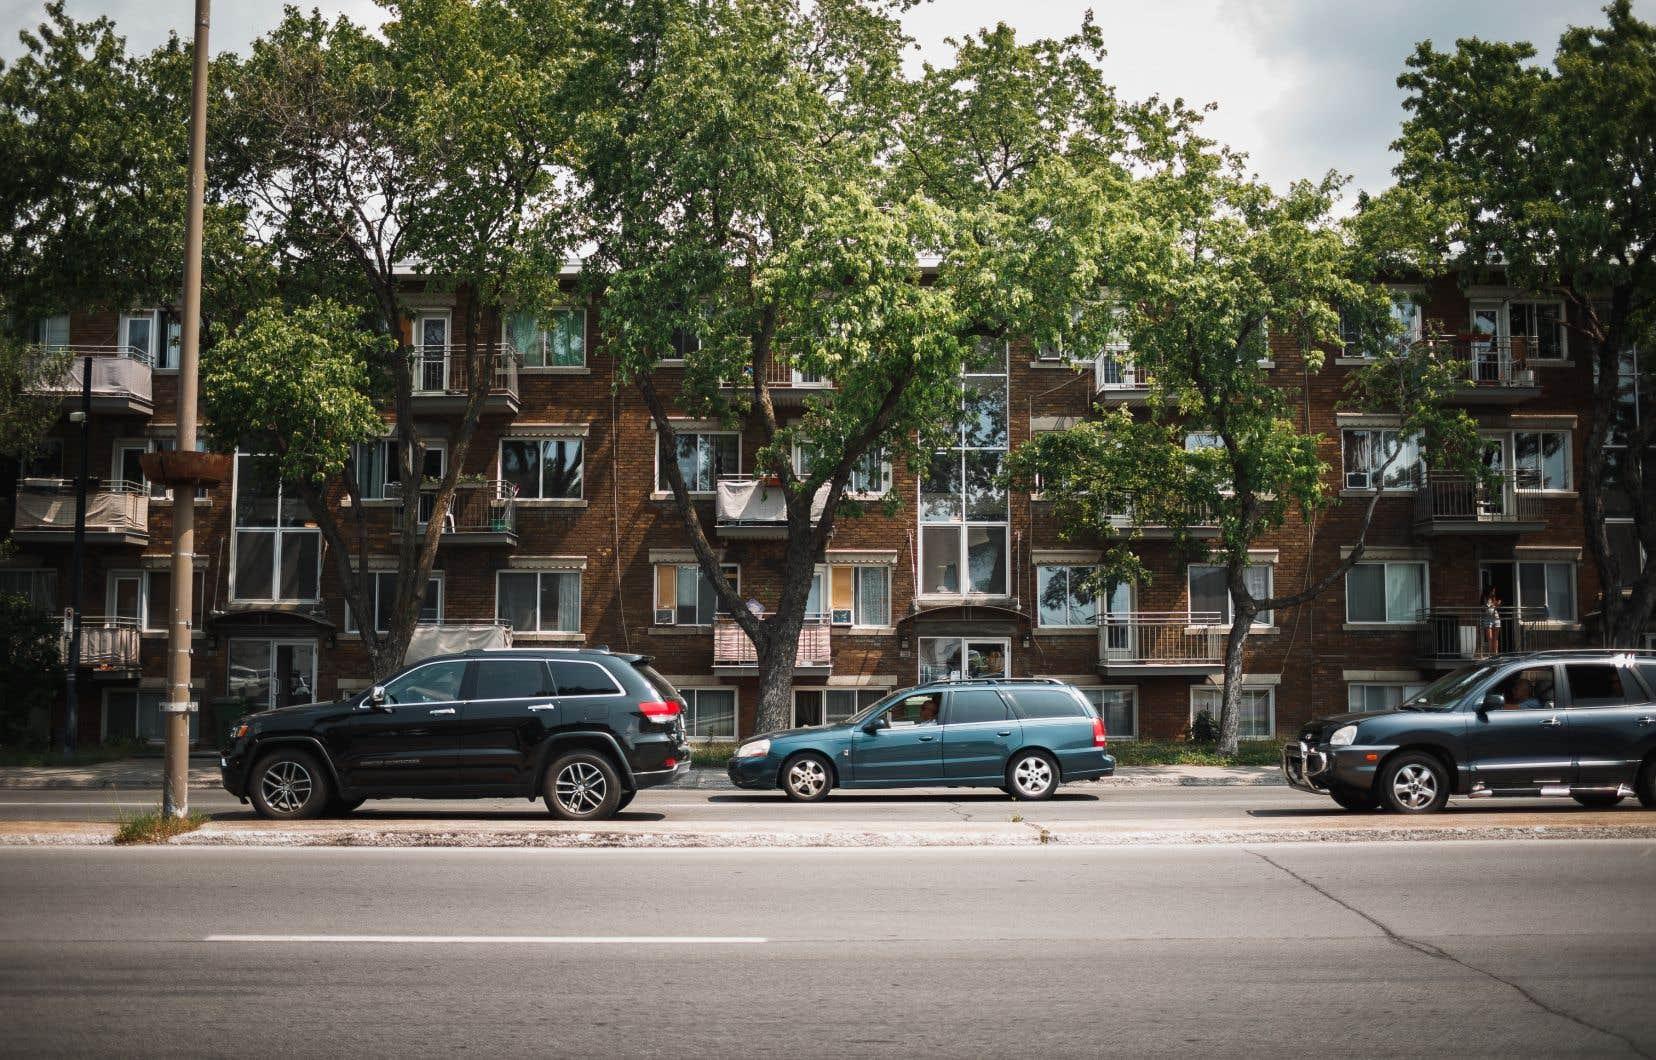 La densification juste (et belle) de la ville améliore les microclimats urbains.